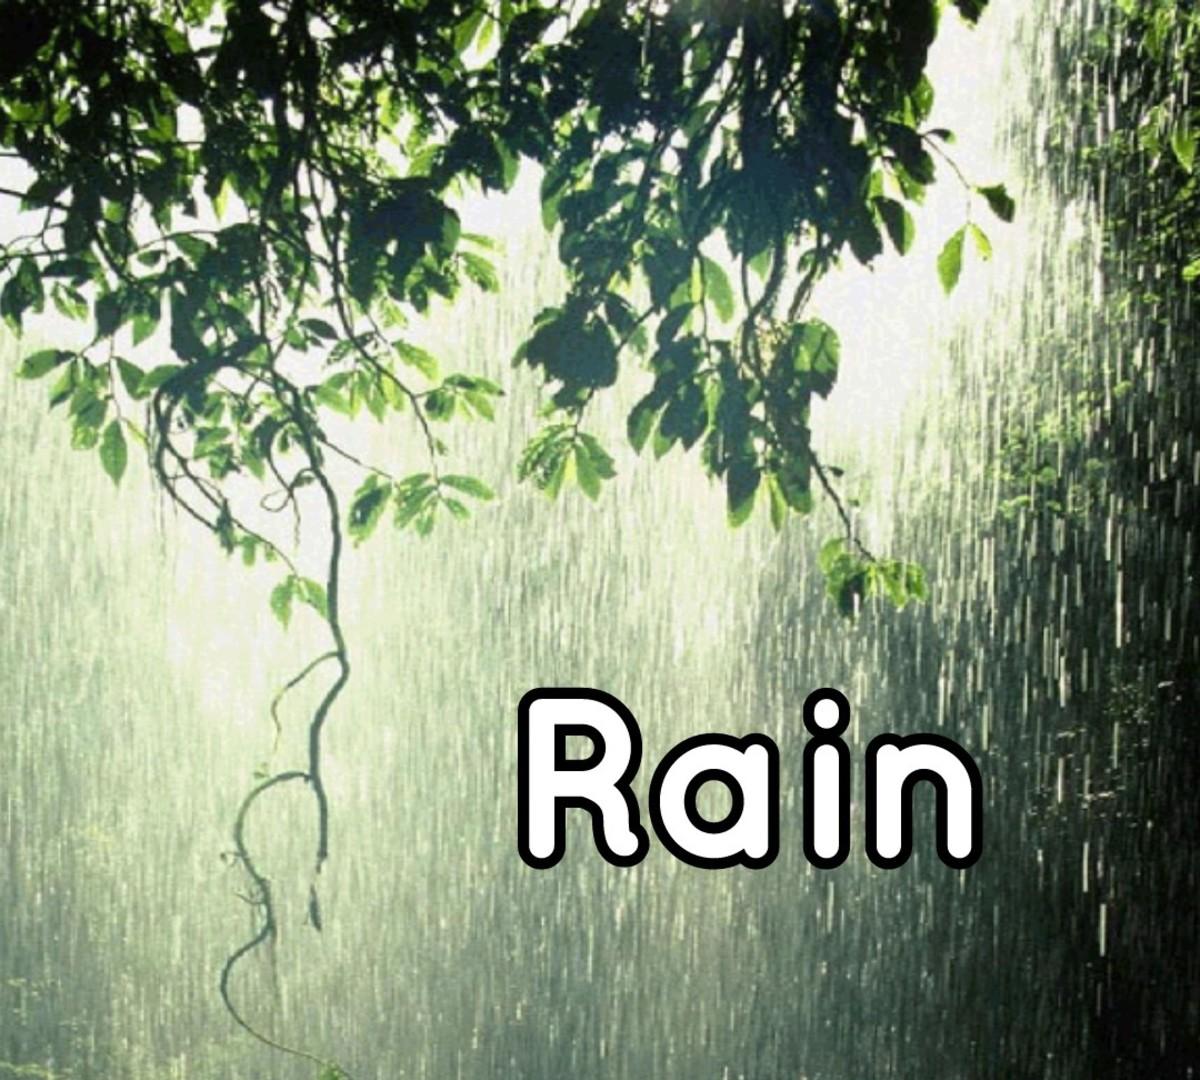 Rain, the Poem